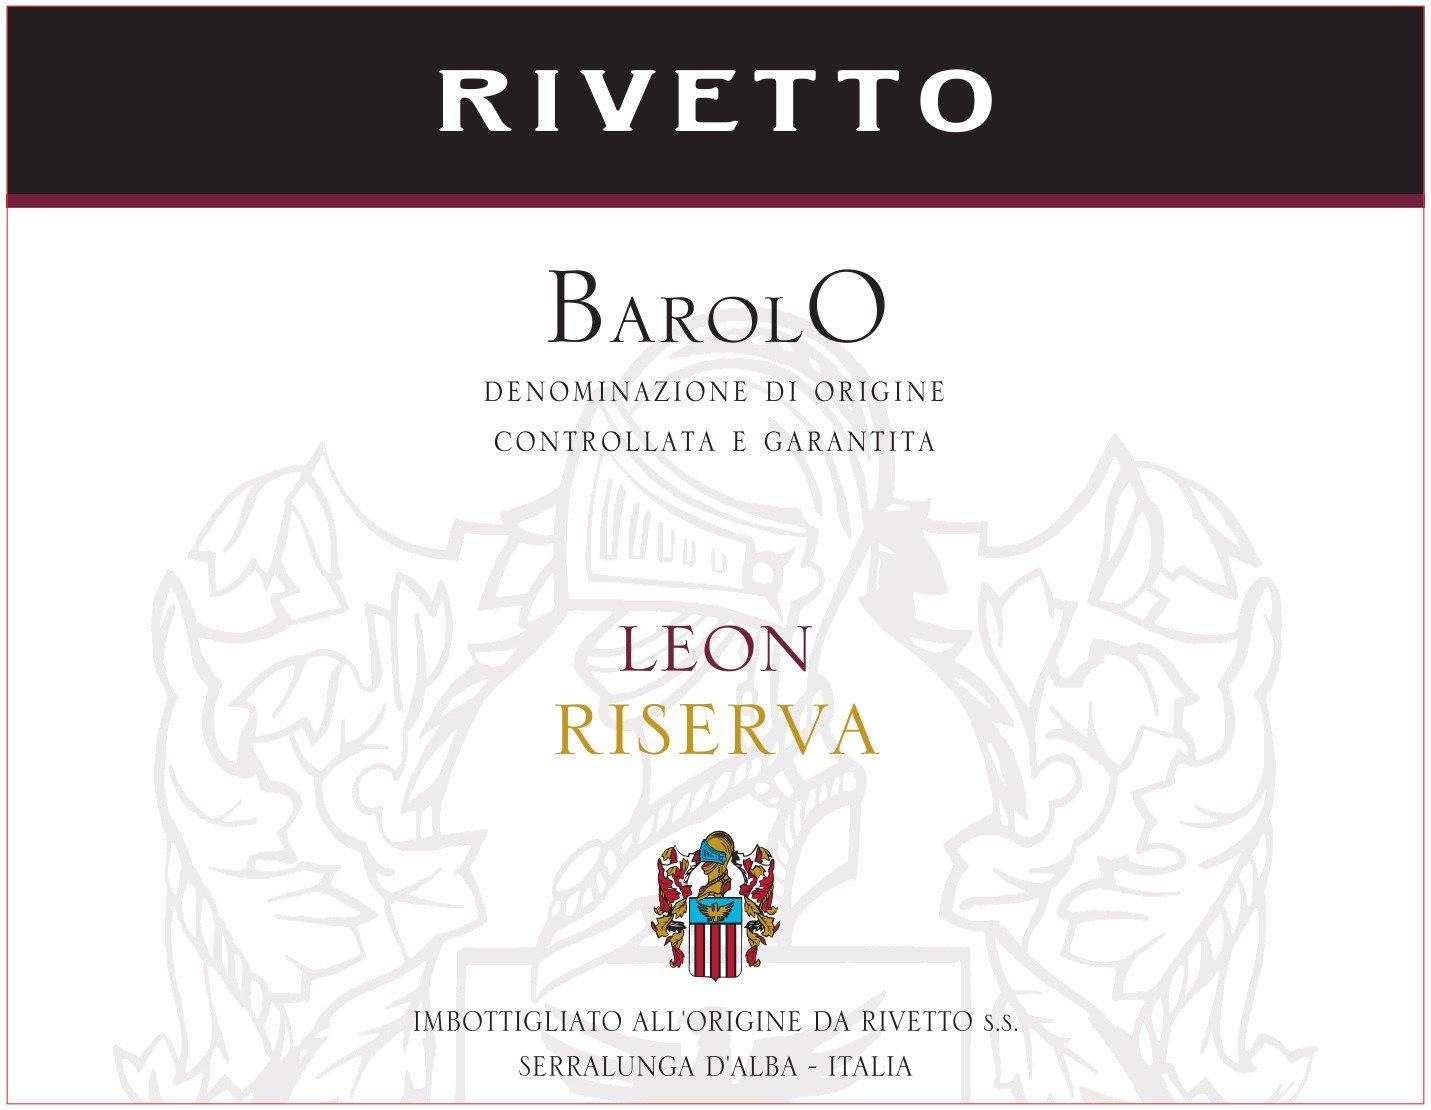 Rivetto Barolo Leon Riserva 2009